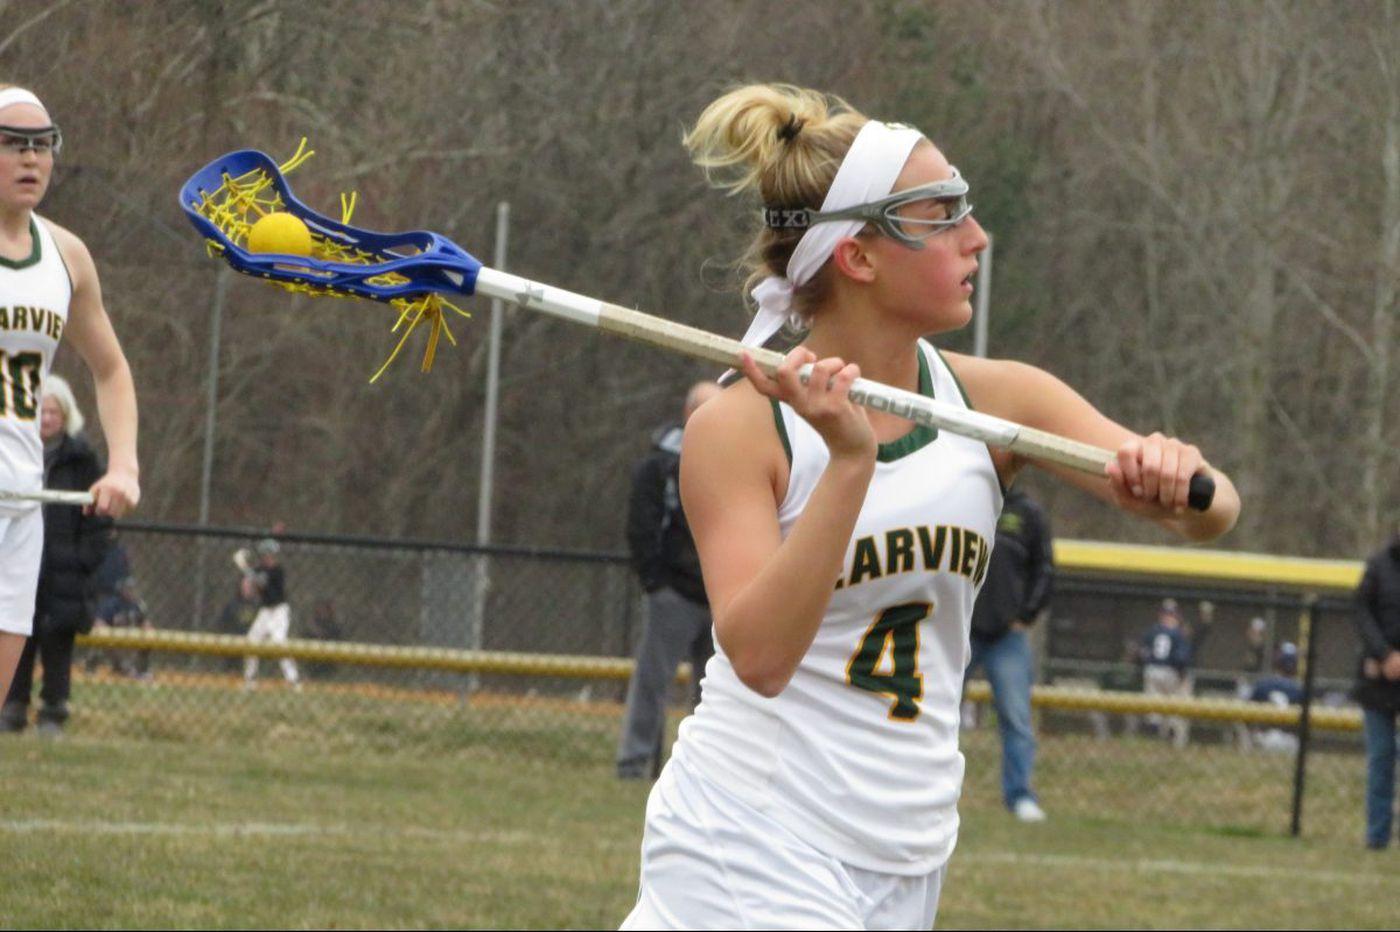 Clearview girls' lacrosse: A steadily winning program